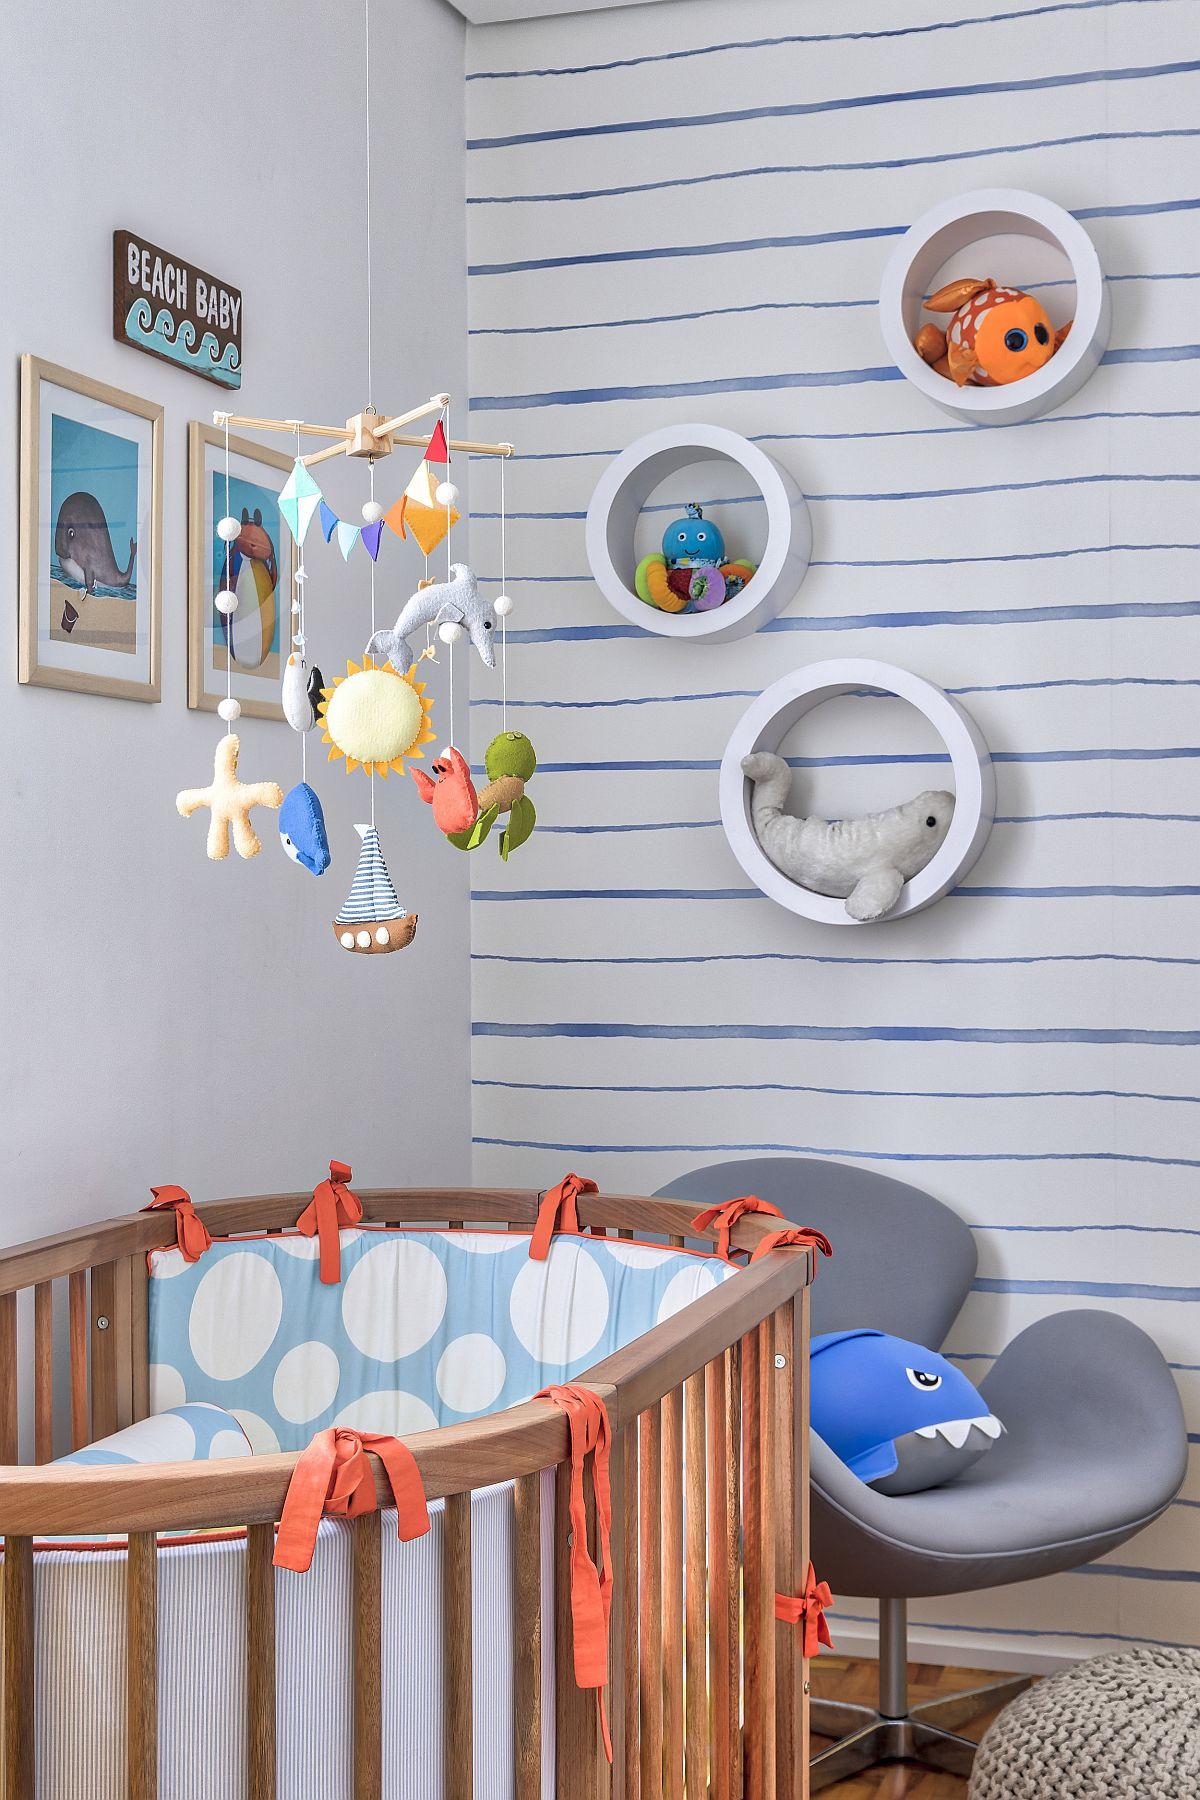 Cu decorațiuni mici se poate completa frumos tema de amenajare a unei camerei. Aici tablourile, jucăria suspendată, rafturile rotunde contează în atmosfera camerei copilului.